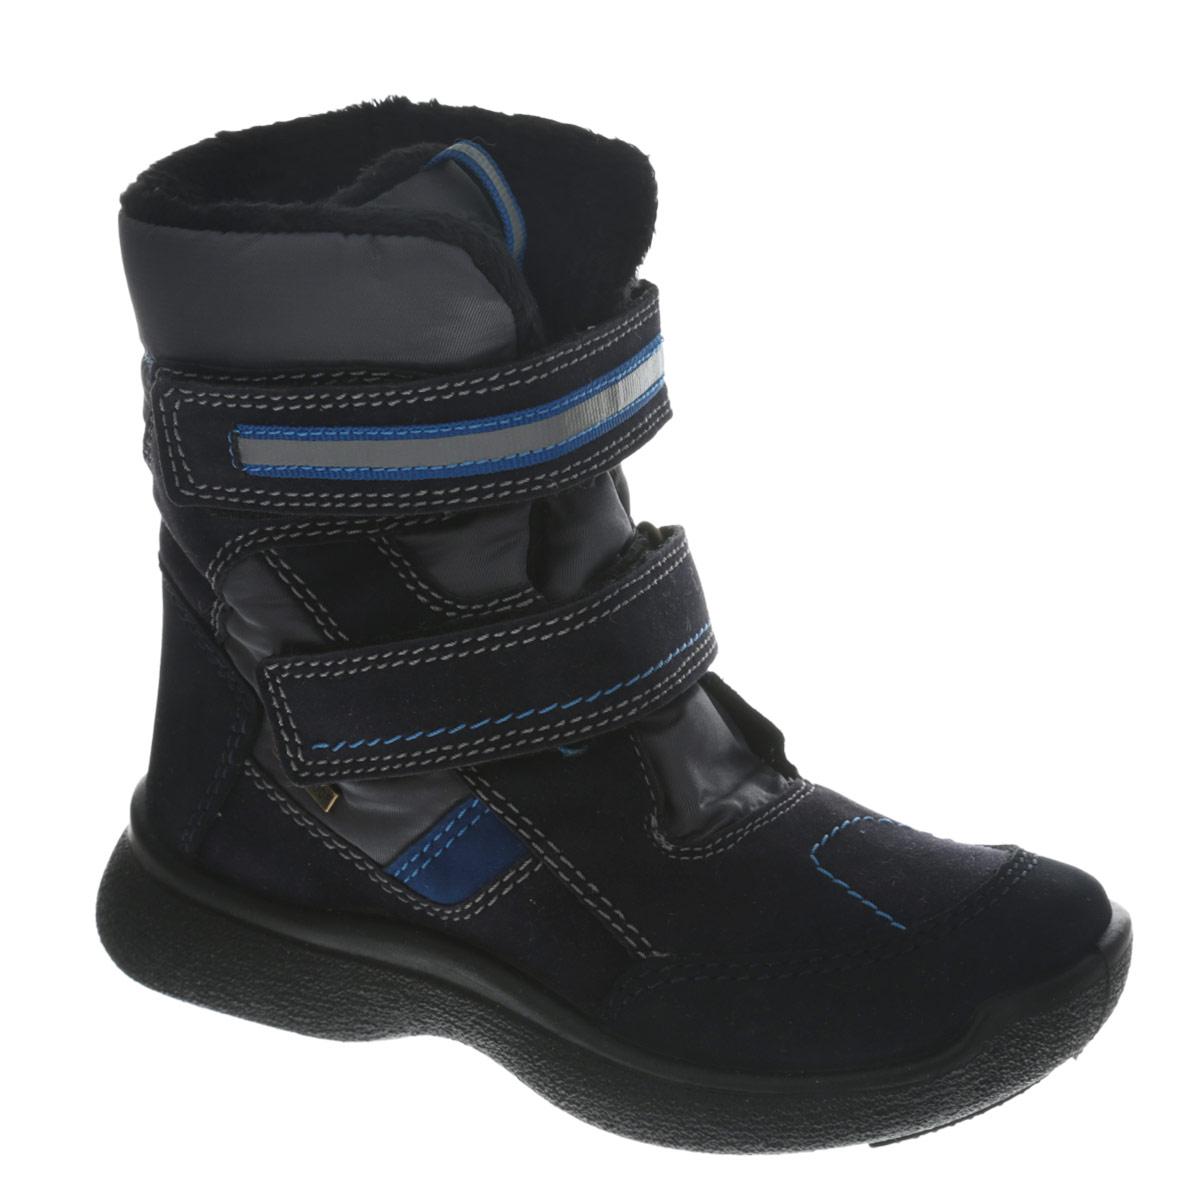 Сапоги для мальчика. 10-8210-82Замечательные сапоги для мальчика Аллигаша, изготовленные из современных материалов, обеспечат удобство и комфорт ножкам вашего малыша в прохладную погоду. Верх выполнен из комбинаций натуральной и искусственной кожи, а также оформлен текстильными ставками. Технология TEGINA-TEX - это обувь с применением специальной подкладочной мембраны, которая позволяет ноге дышать и абсолютно непроницаемо снаружи для воды и холода. На морозе удерживается тепло, а в помещении нога не потеет. Модель на высокой рифленой подошве с округлым мыском обеспечивает удобство и практичность на каждый день. Удобная пяточная часть укреплена. Внутренняя отделка из искусственного меха и шерсти. Удобные застежки- липучки по линии подъема обеспечивают практичность и комфортную фиксацию модели на ноге. Стелька из натуральной шерсти не даст ножке замерзнуть. Оформлена модель контрастной прострочкой. В таких сапожках ножкам вашего ребенка всегда будет комфортно, уютно и тепло!